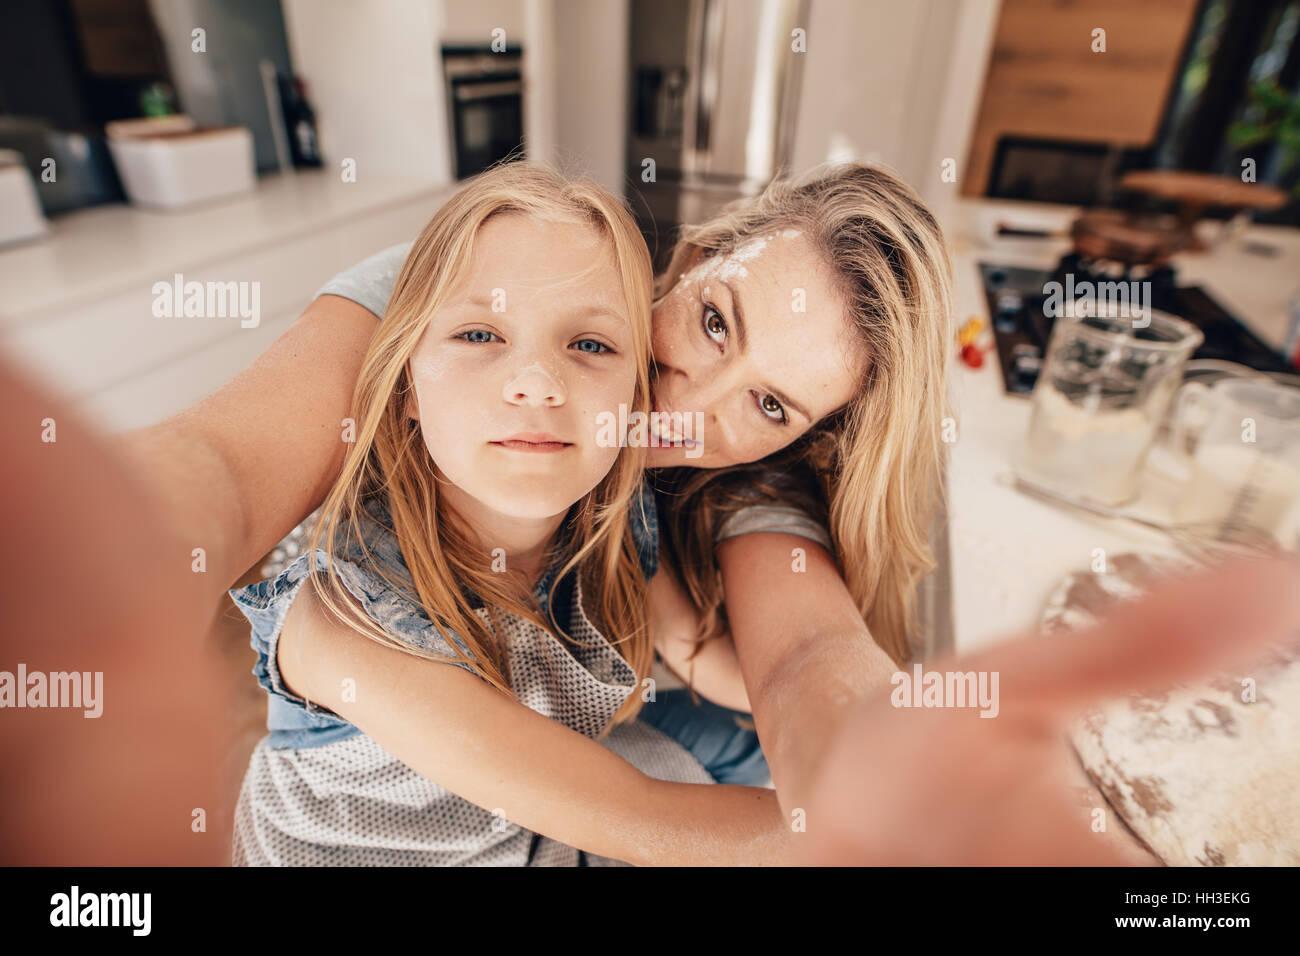 Happy woman and girl prenant un. selfies Les deux dans la cuisine avec la mère tenant un téléphone Photo Stock